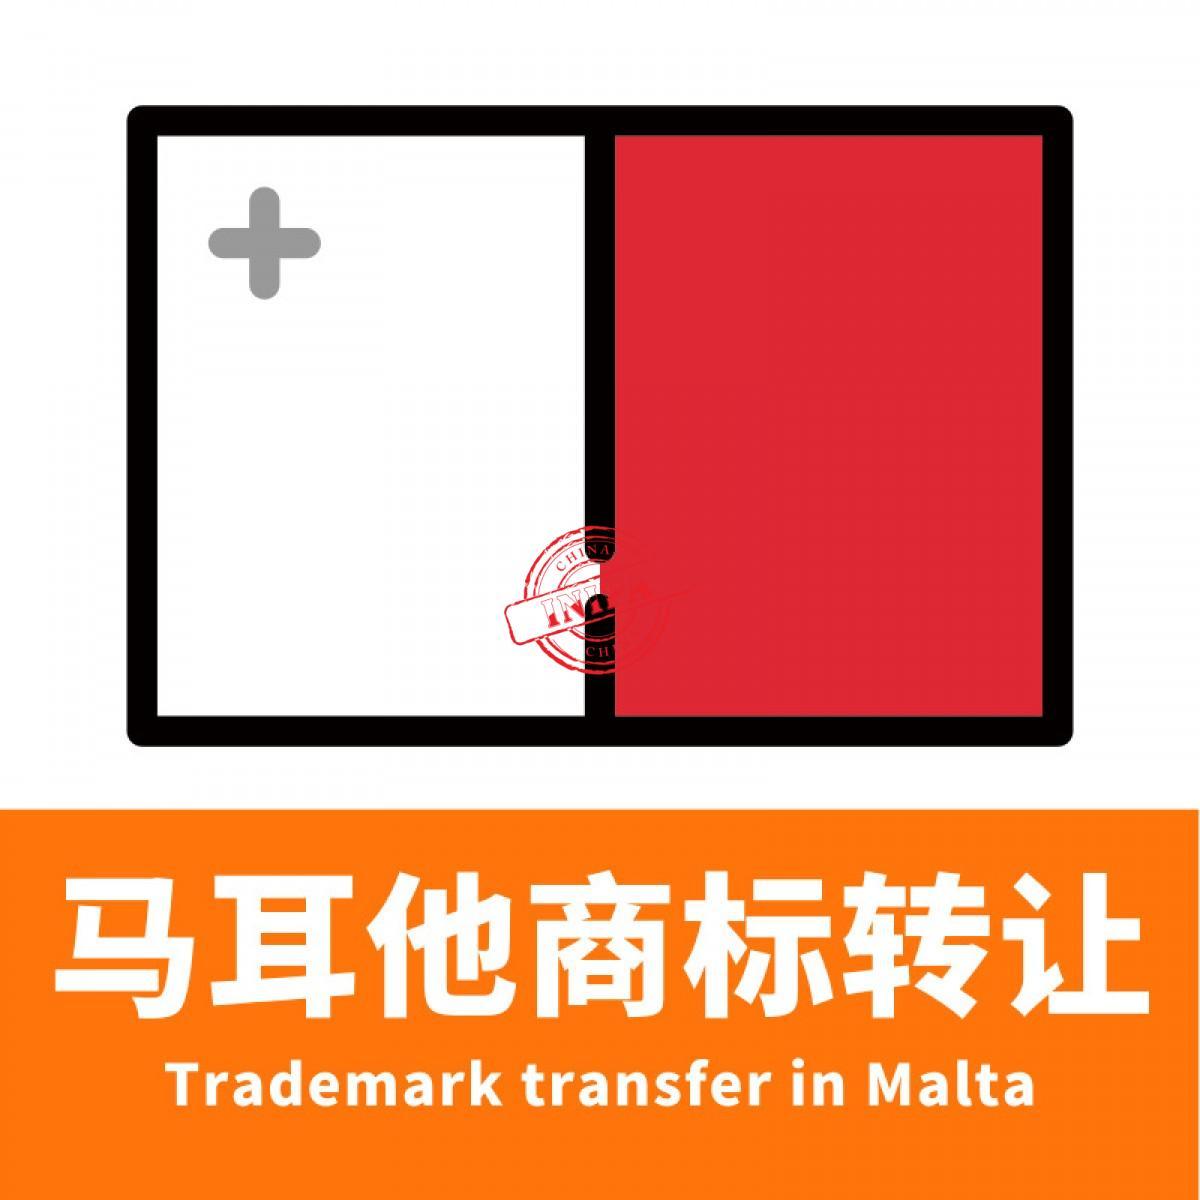 马耳他商标转让/Trademark transfer in Malta